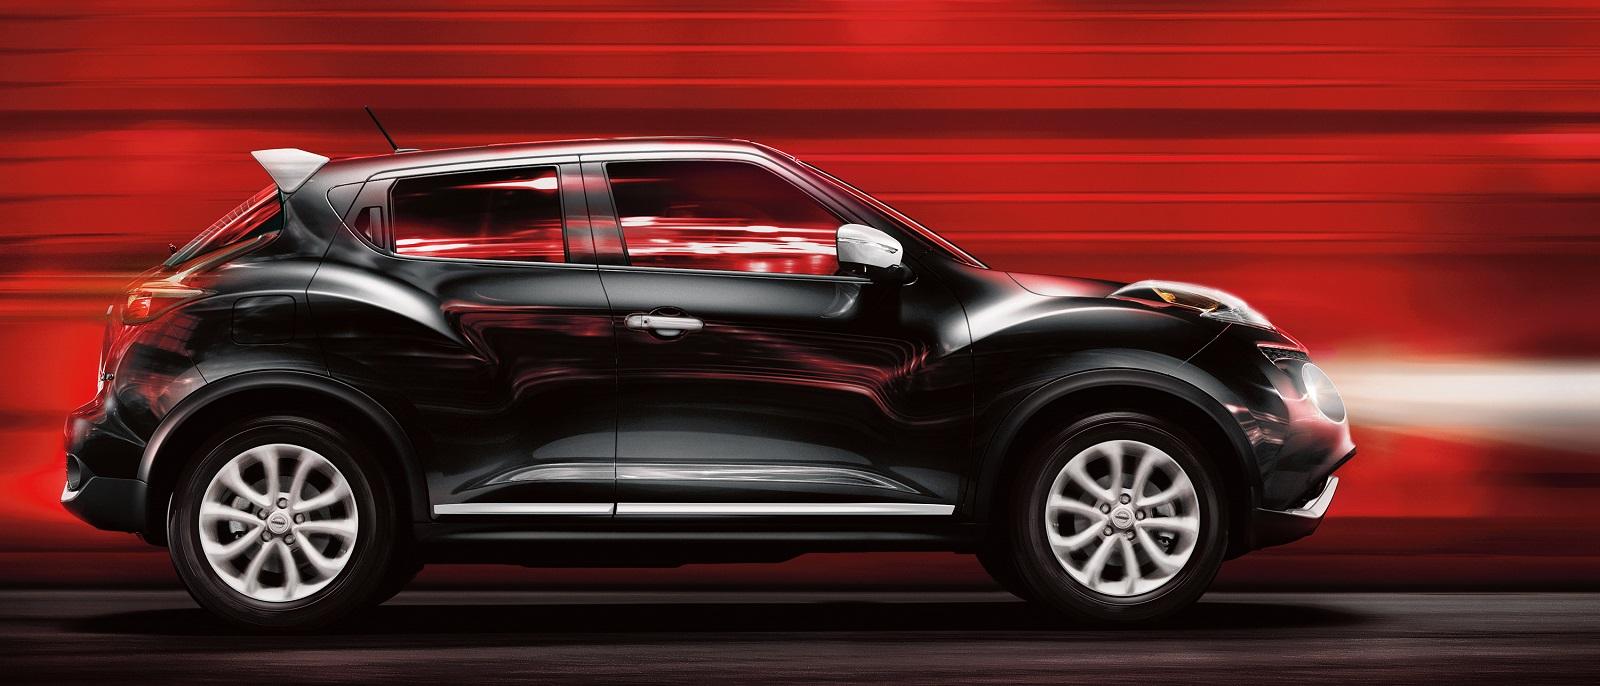 Black Nissan Juke